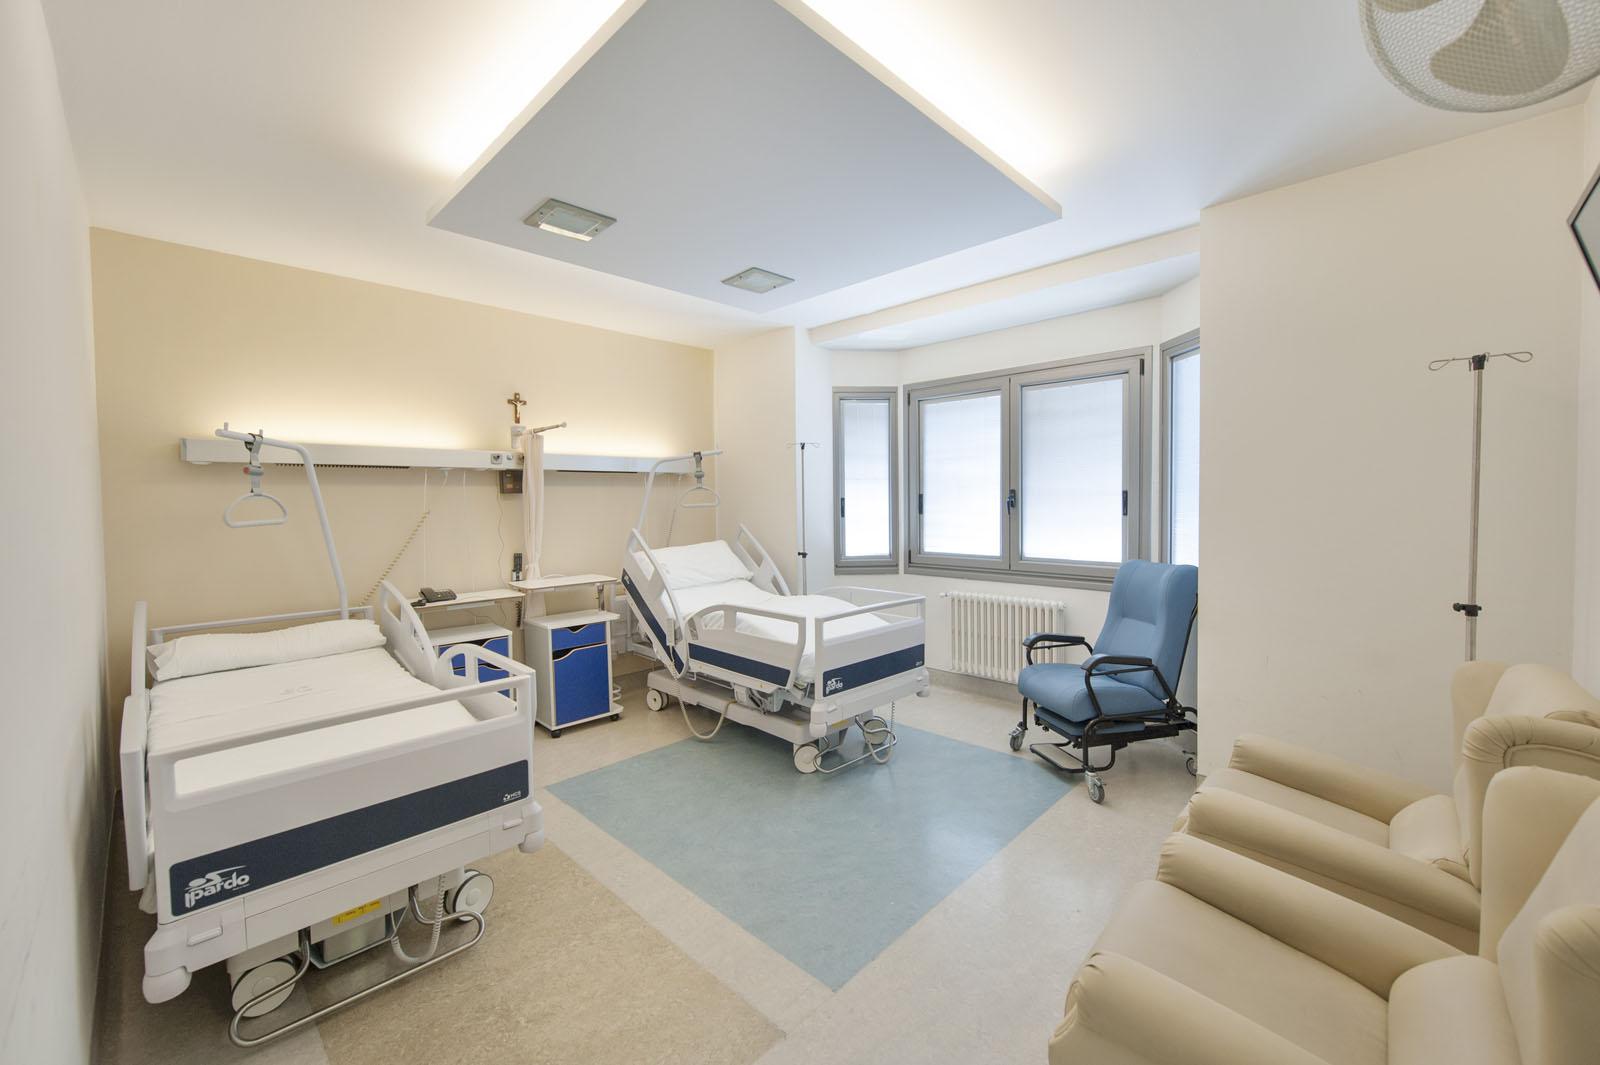 habitaciones-centro-medico-el-carmen-01